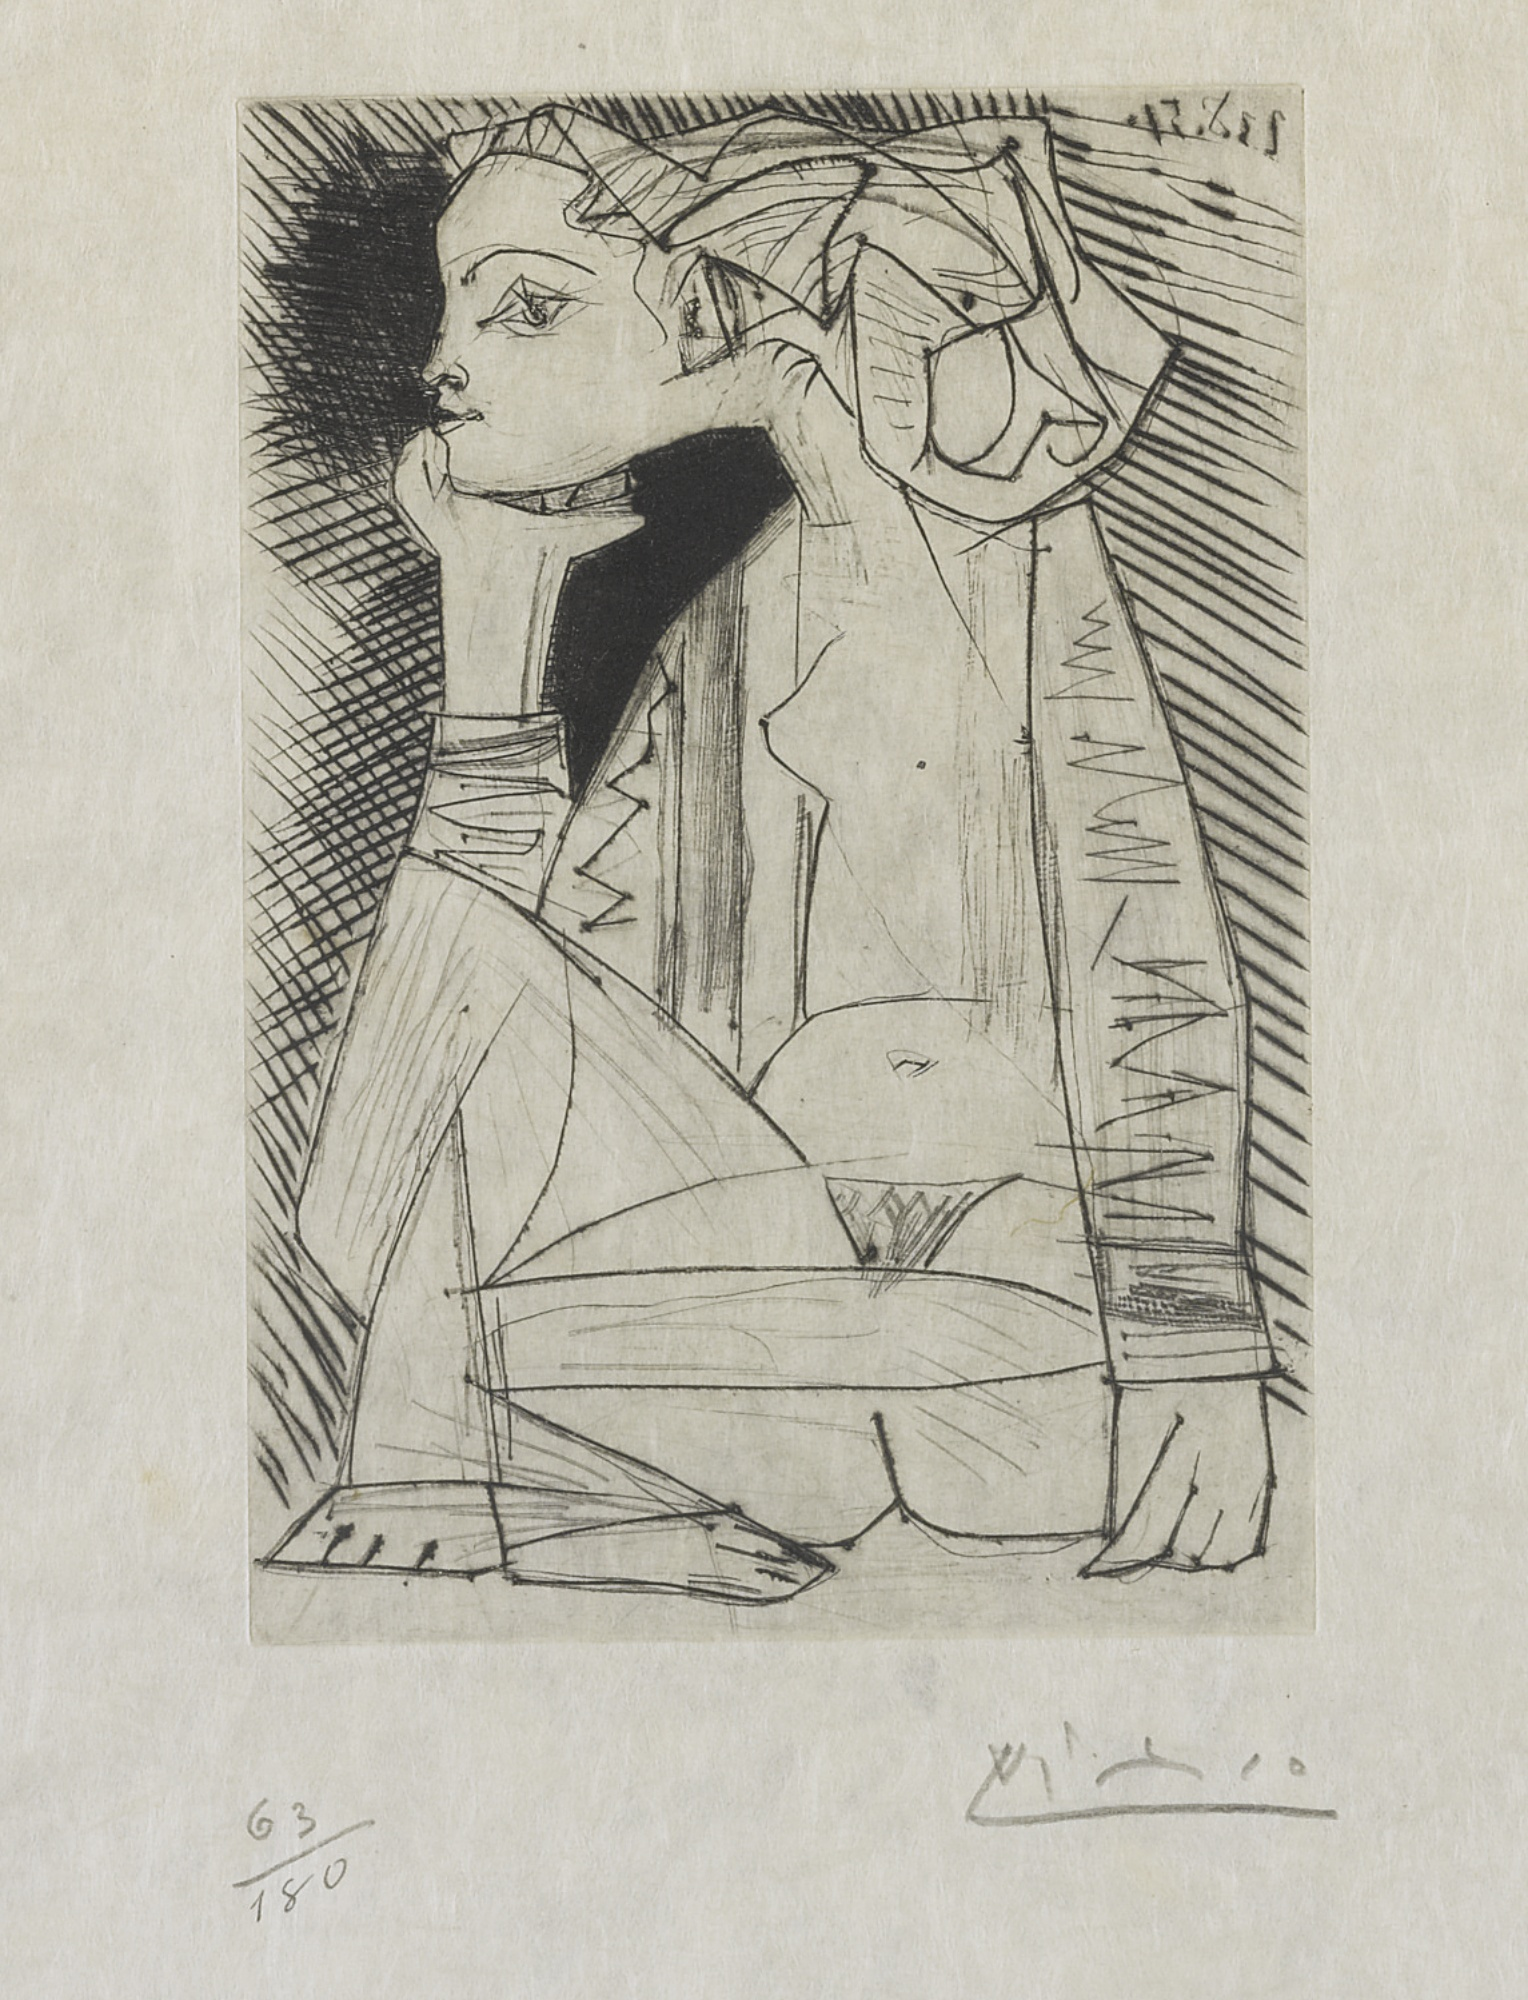 Pablo Picasso-Femme Assise En Tailleur: Genevieve Laporte (B. 1837; Ba. 888)-1951